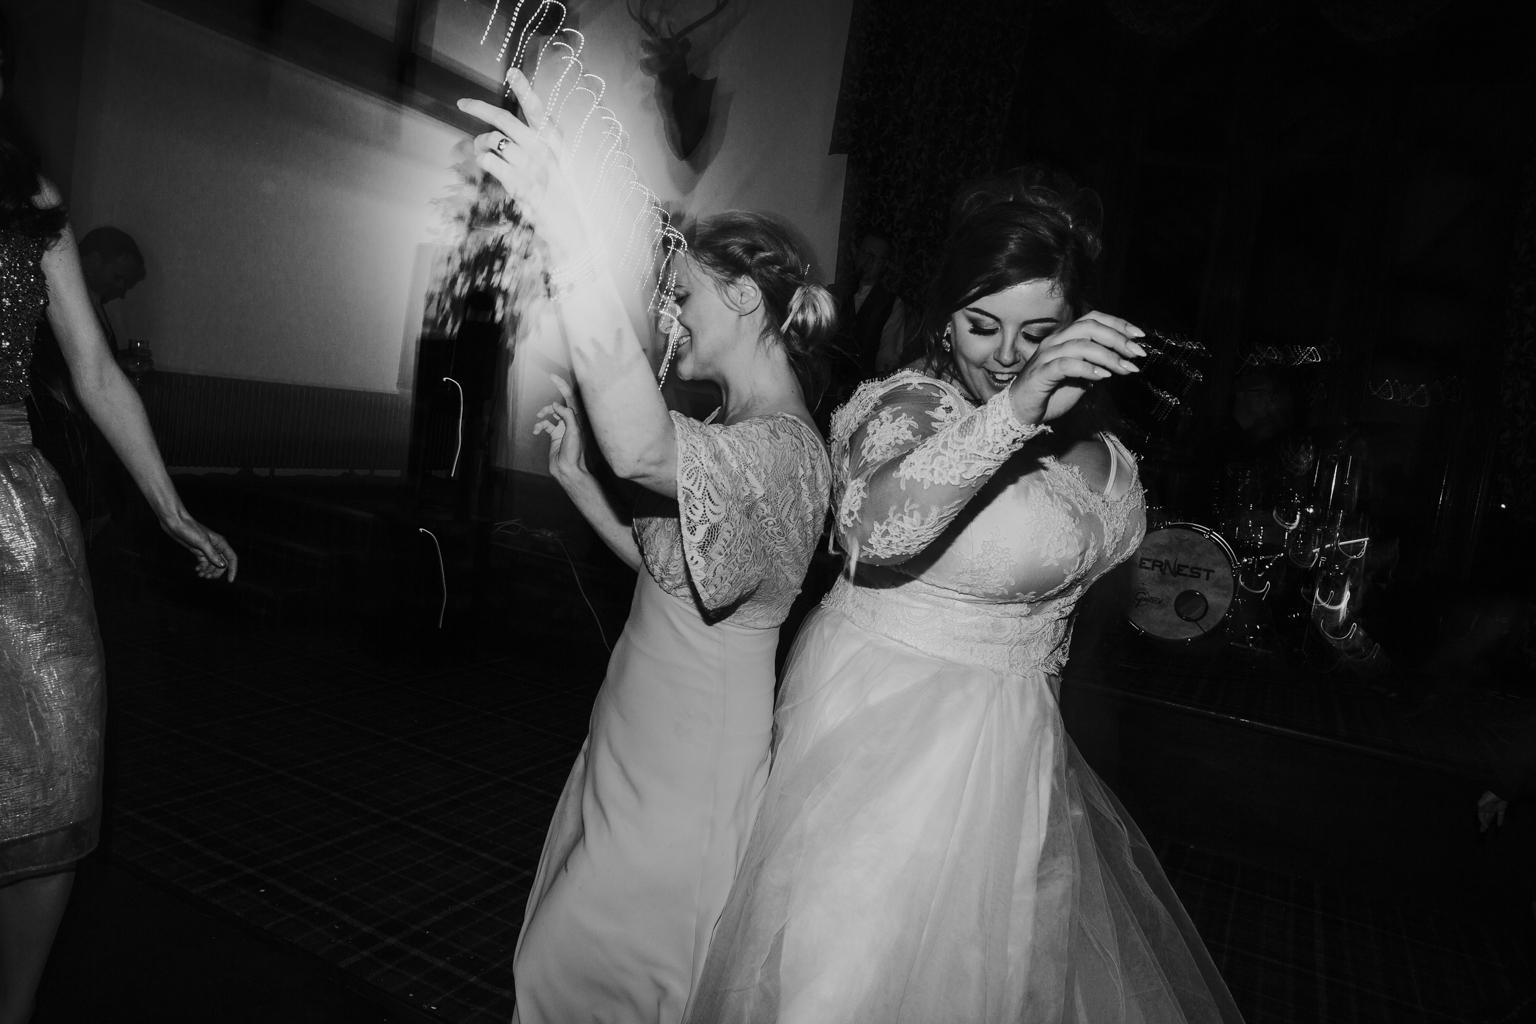 The happy bride is dancing on the floor